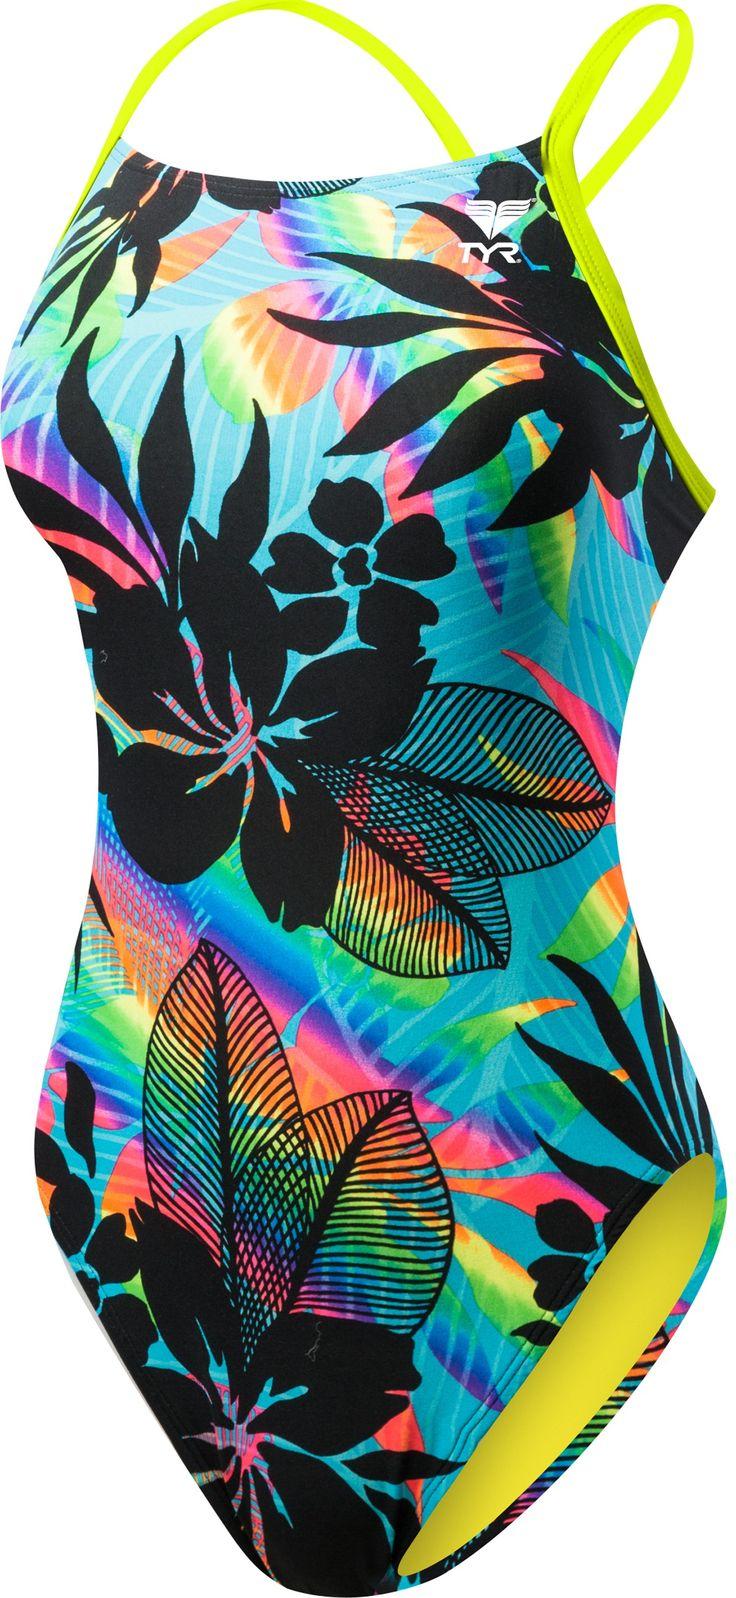 Women's Wanderlust Crosscutfit Tieback Swimsuit - Training Suits - Swimwear - Womens | TYR